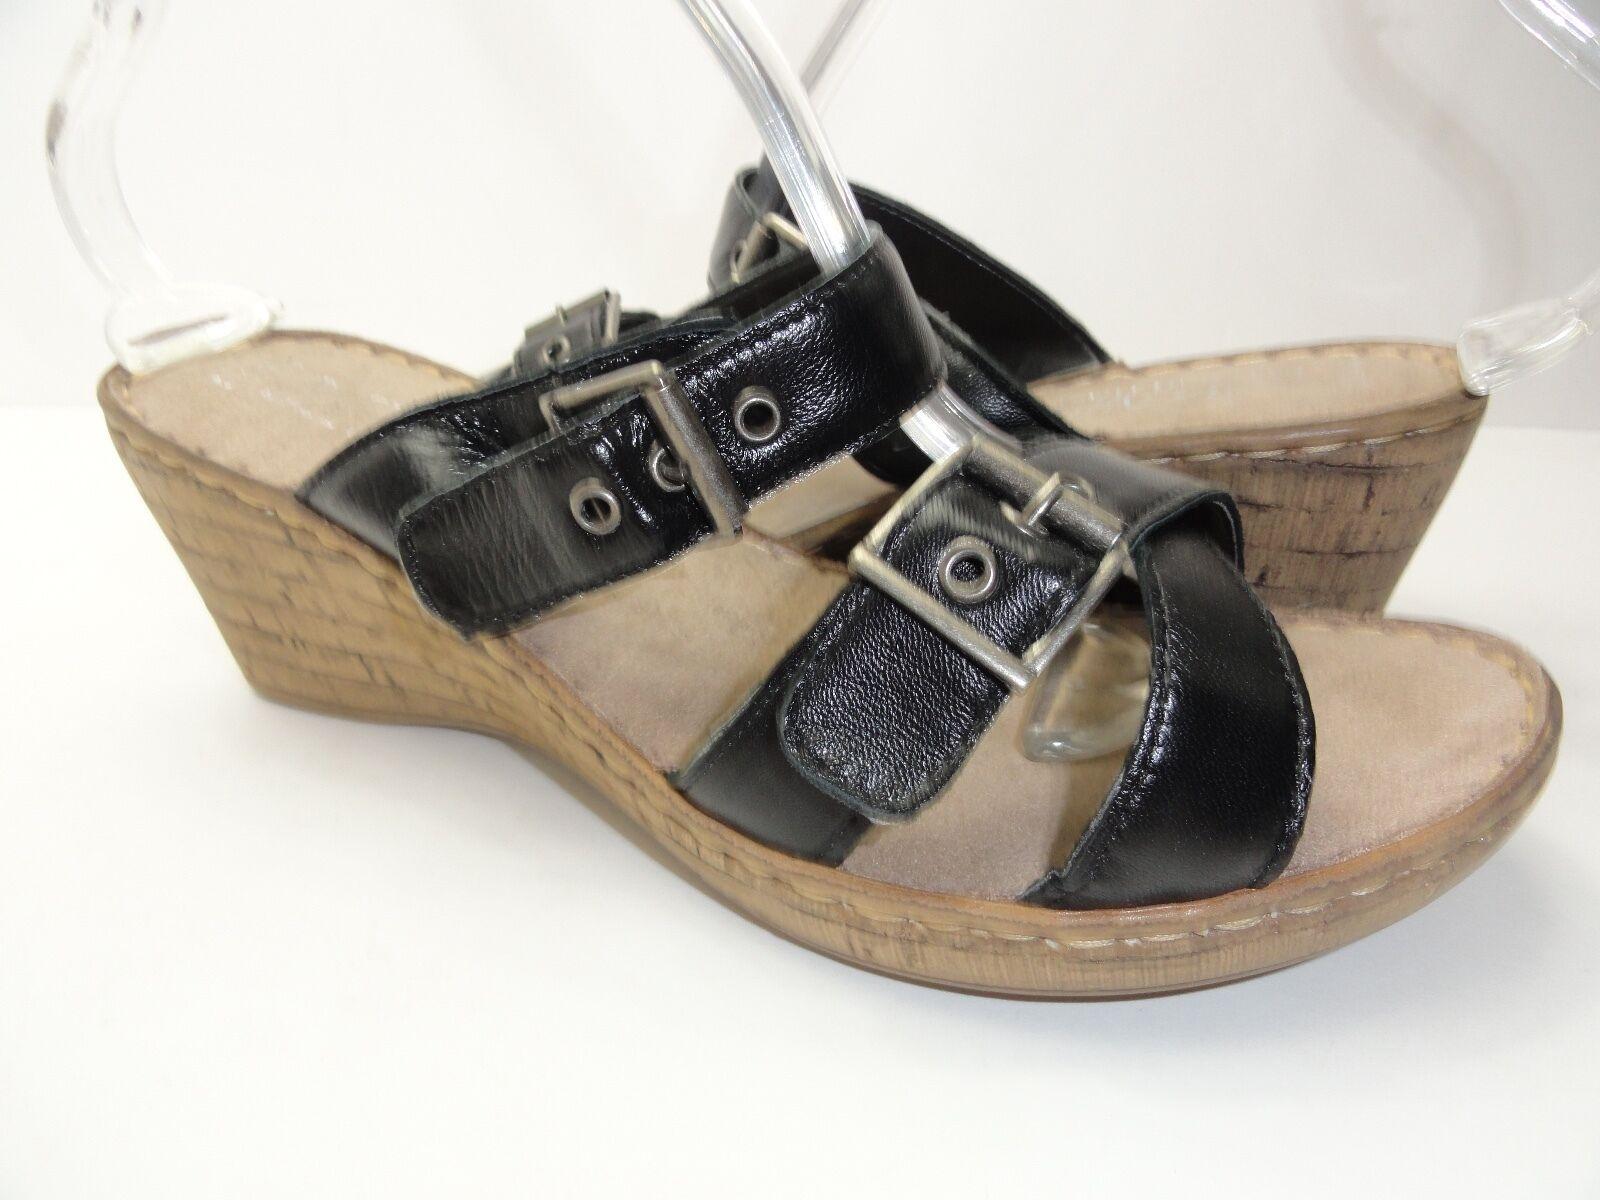 Bella Buckle Vita Women's Modena Black Buckle Bella Slip on Wedge Heels Size 9.5WW 7dd355